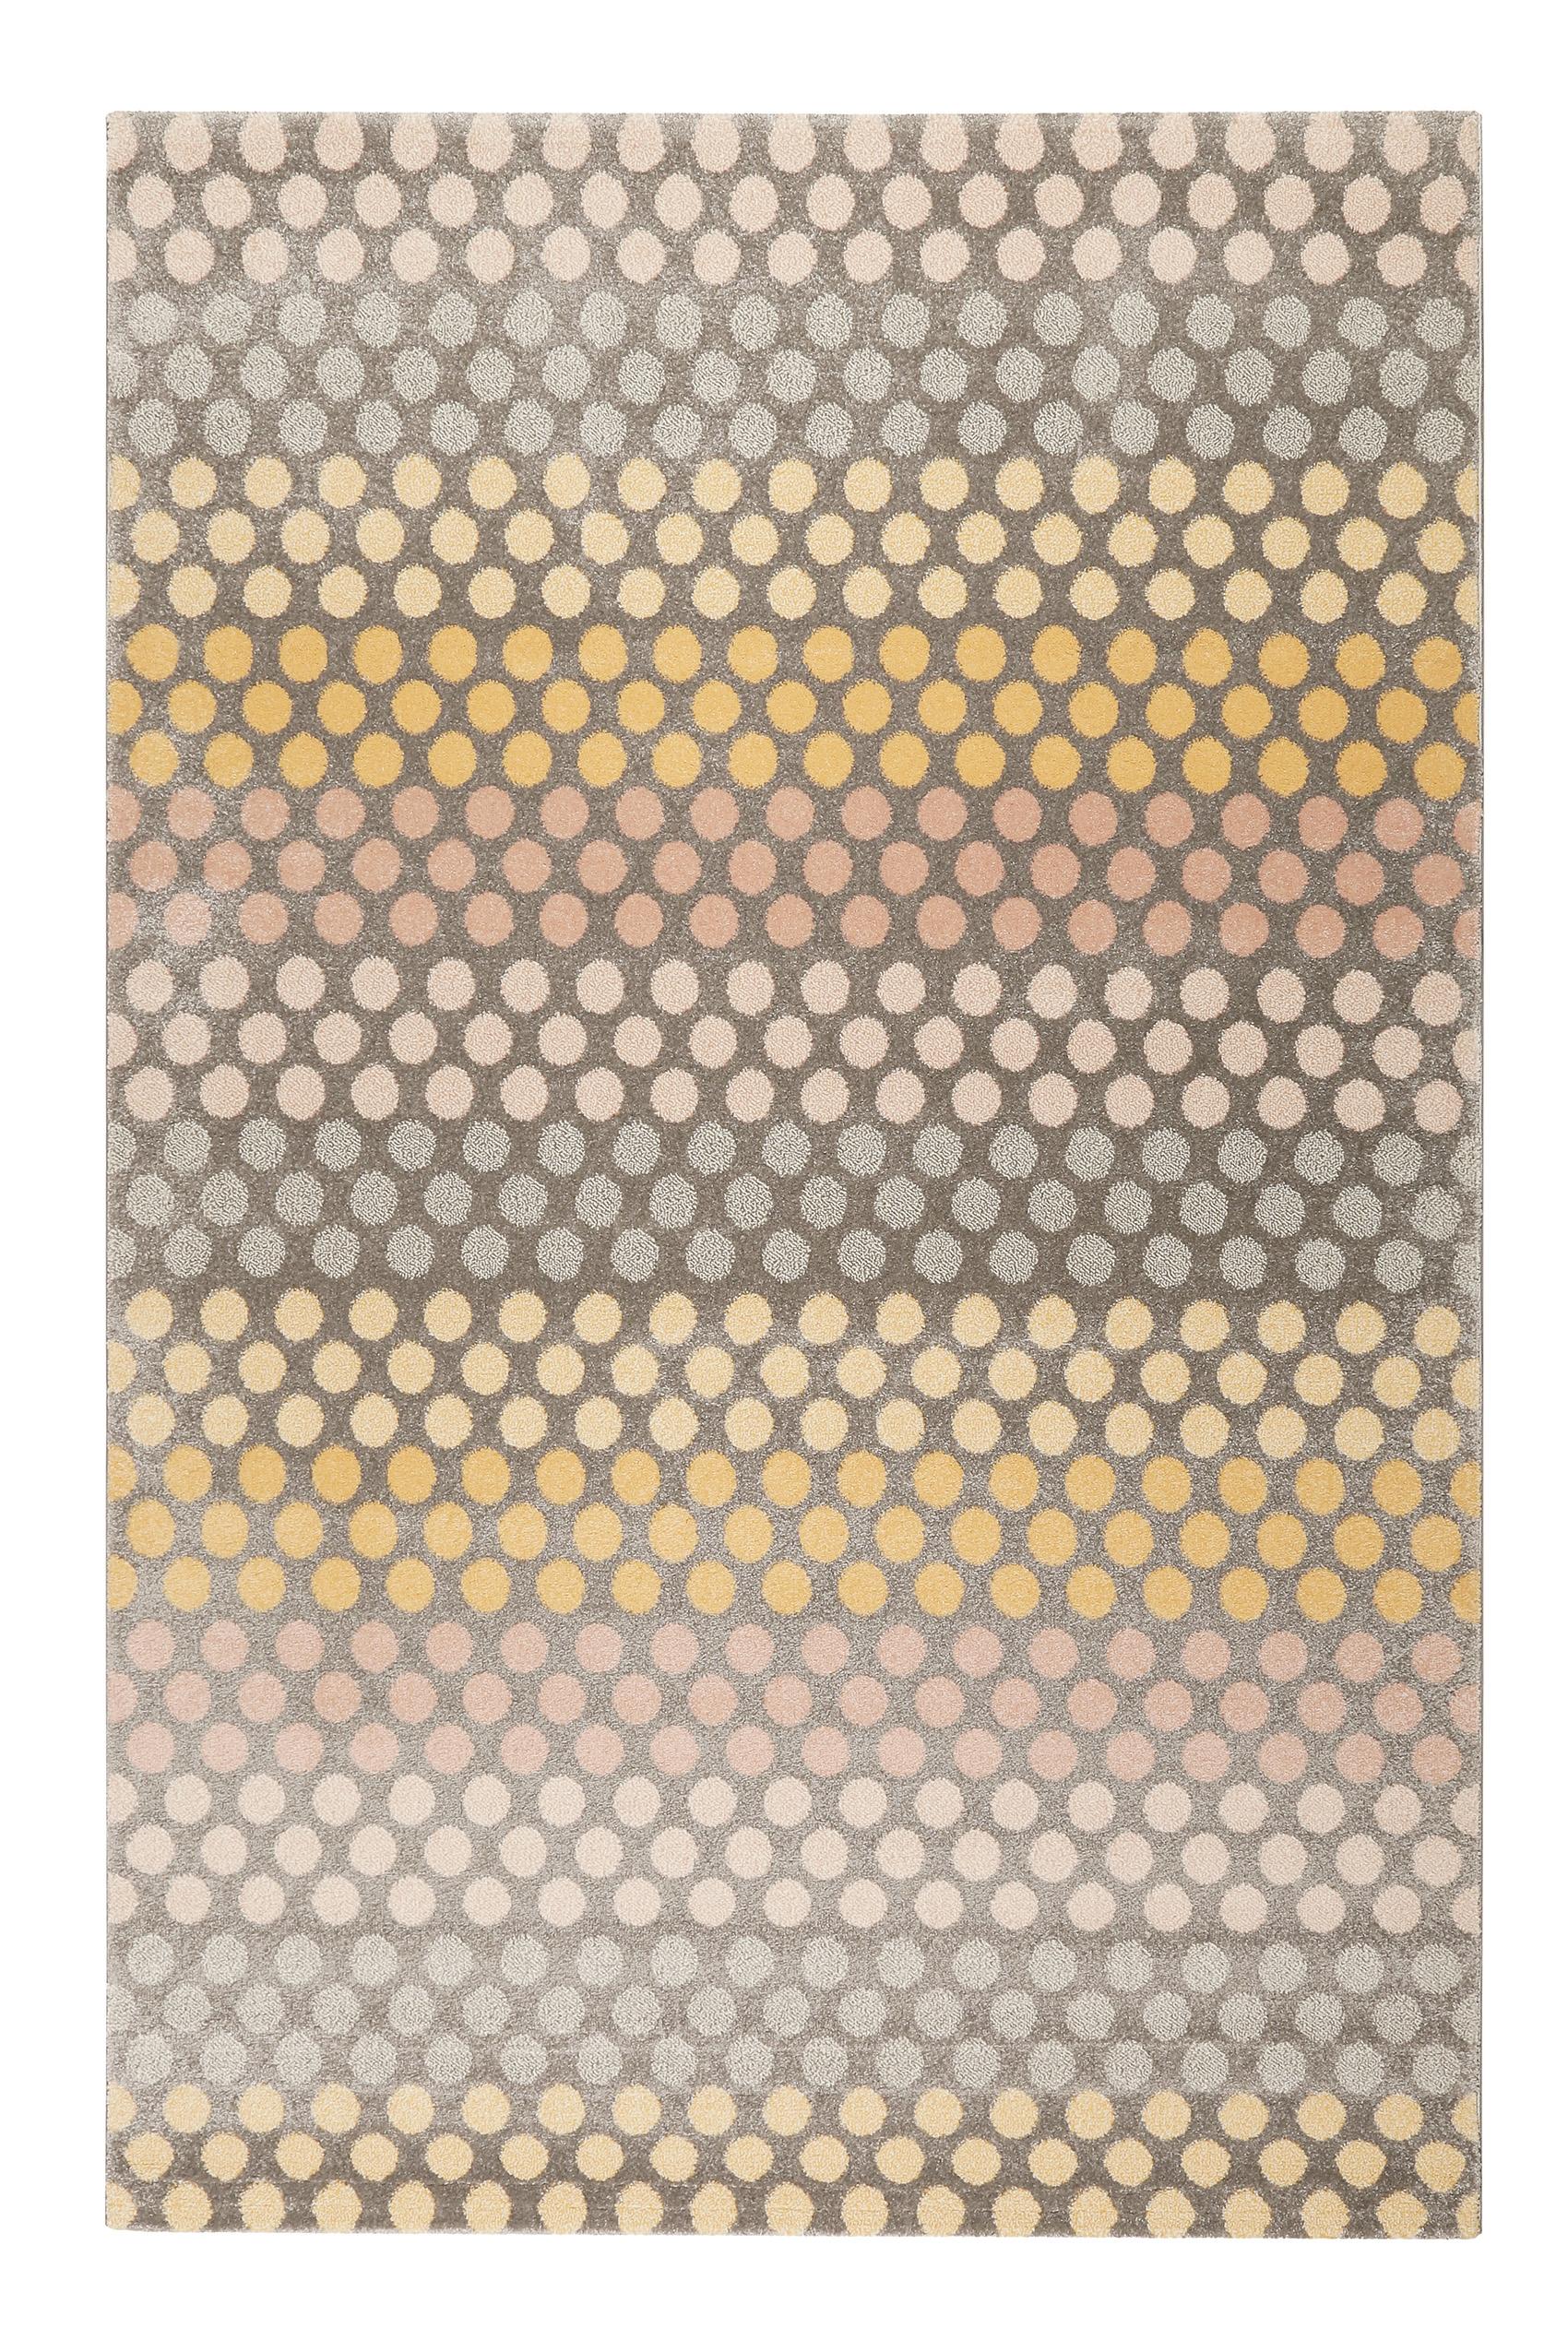 Tapis motif pois à poils courts tons chauds 200x133